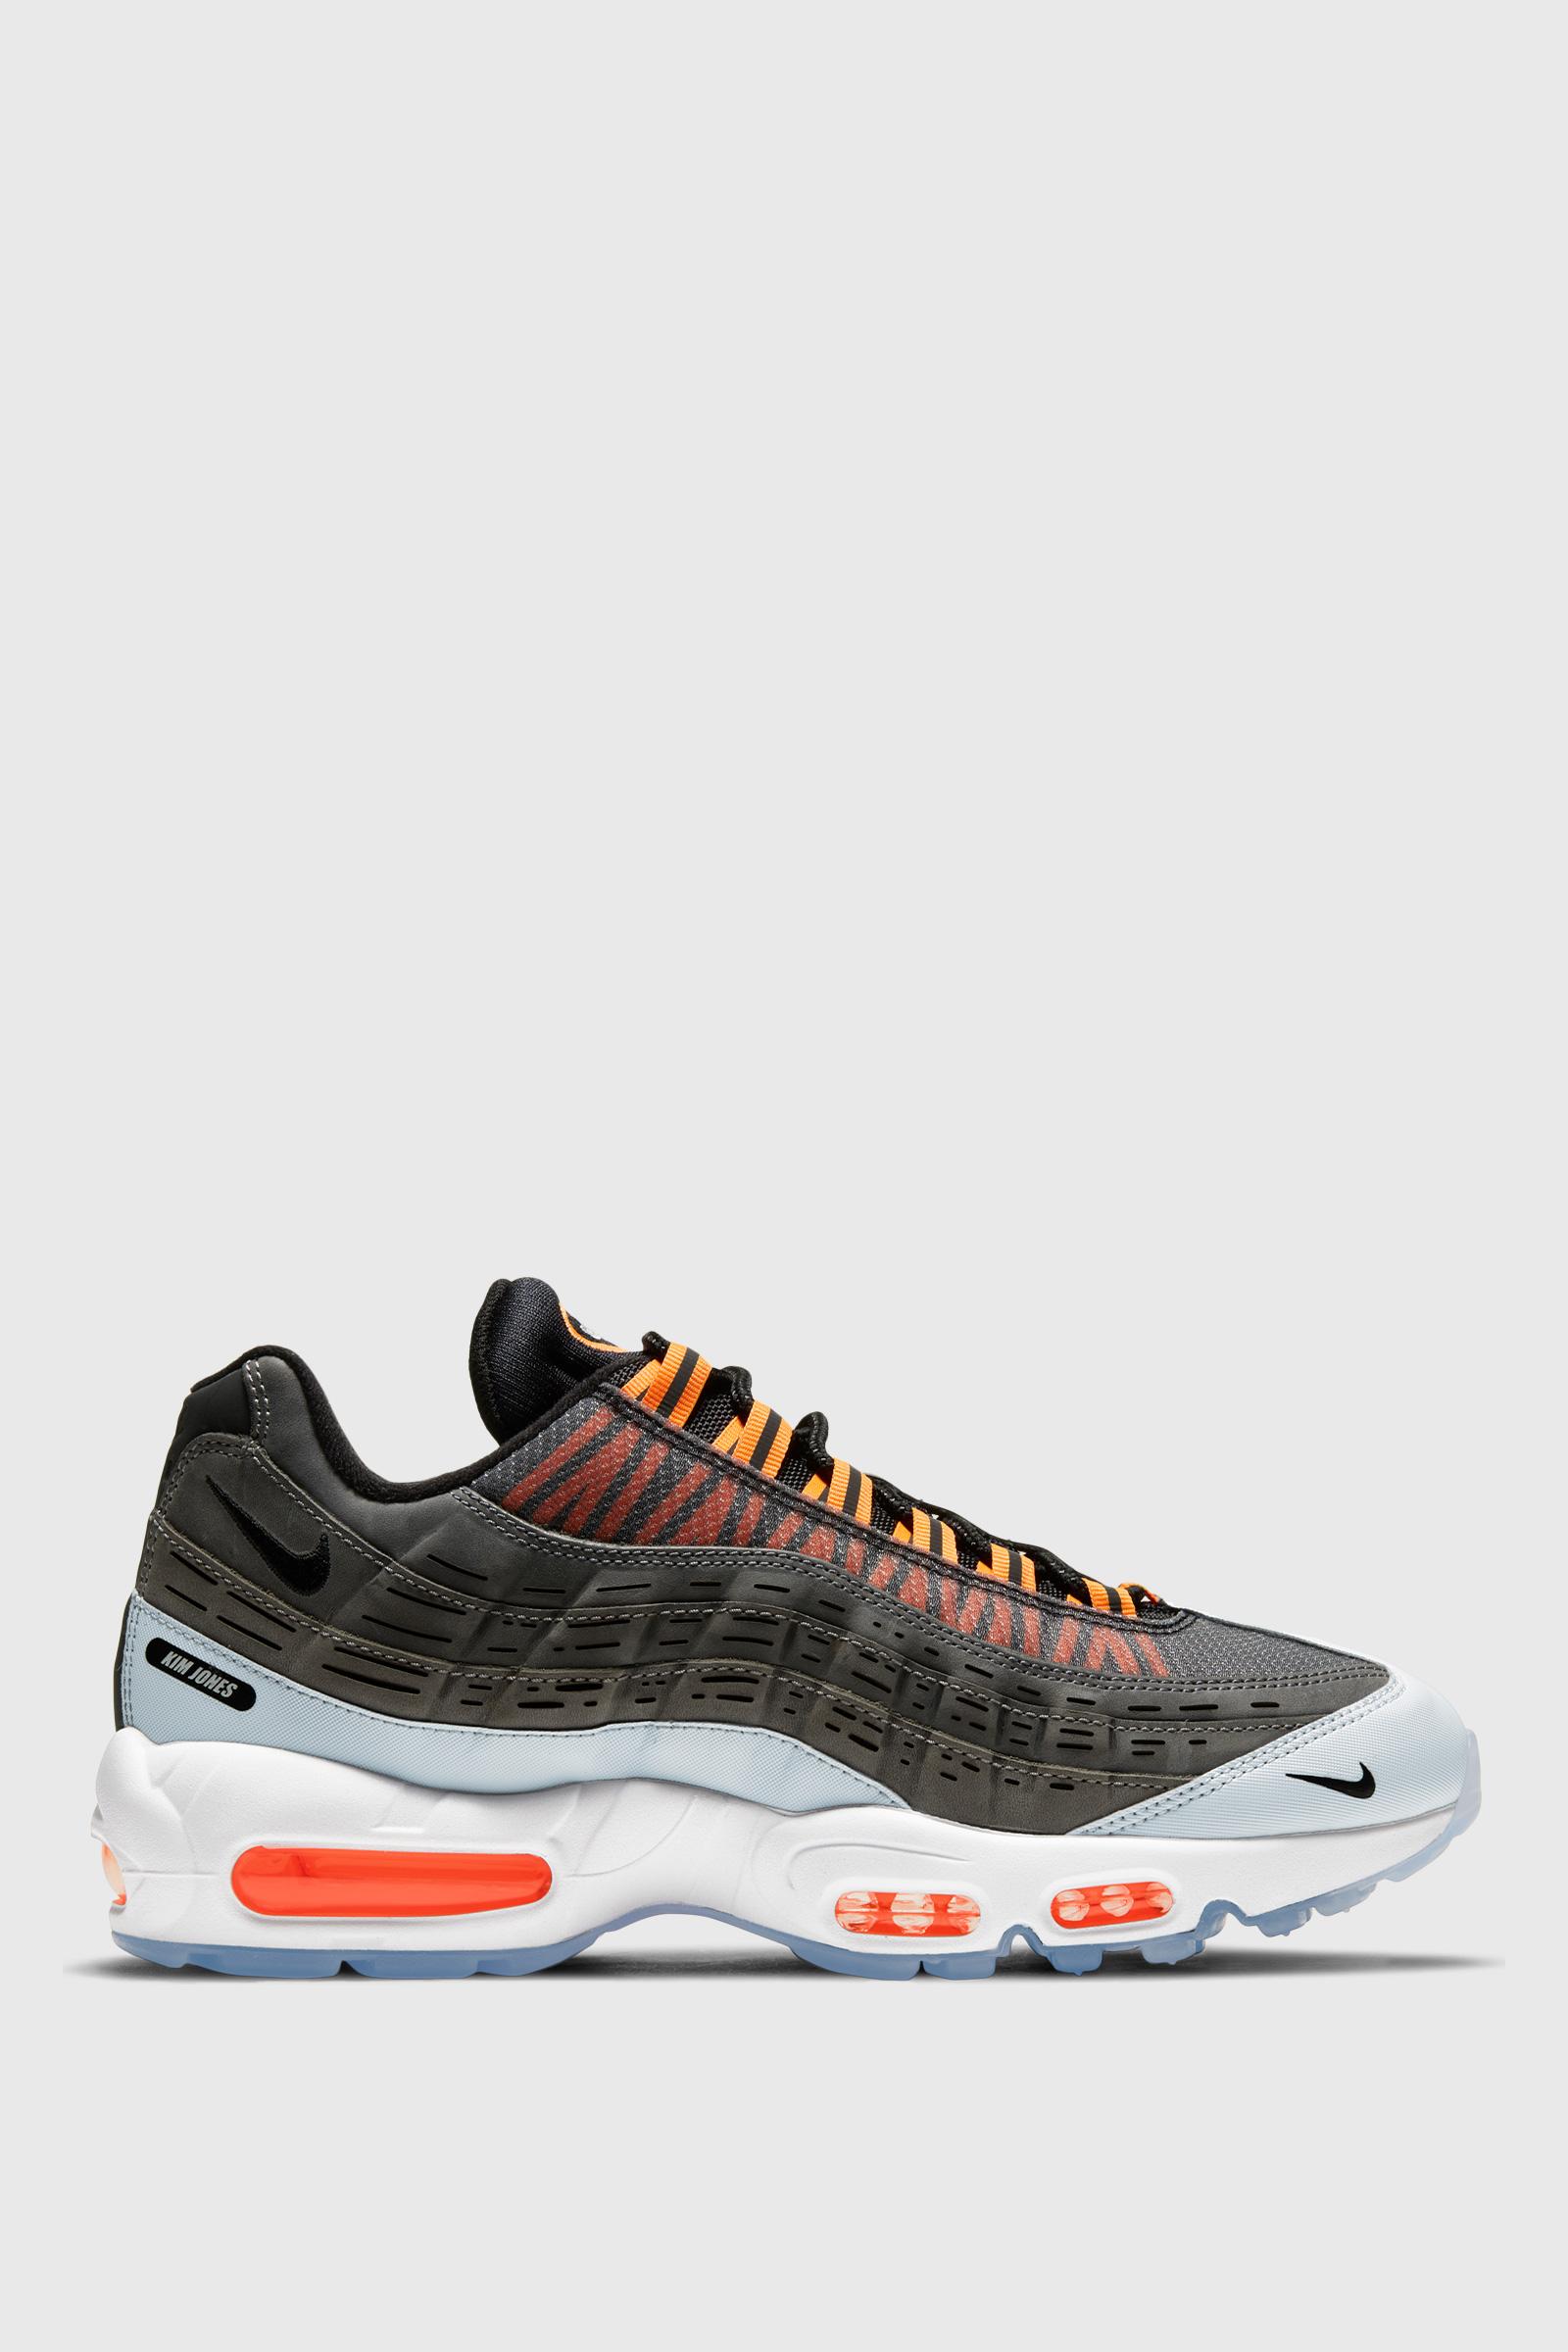 Nike Air Max 95 / Kim Jones